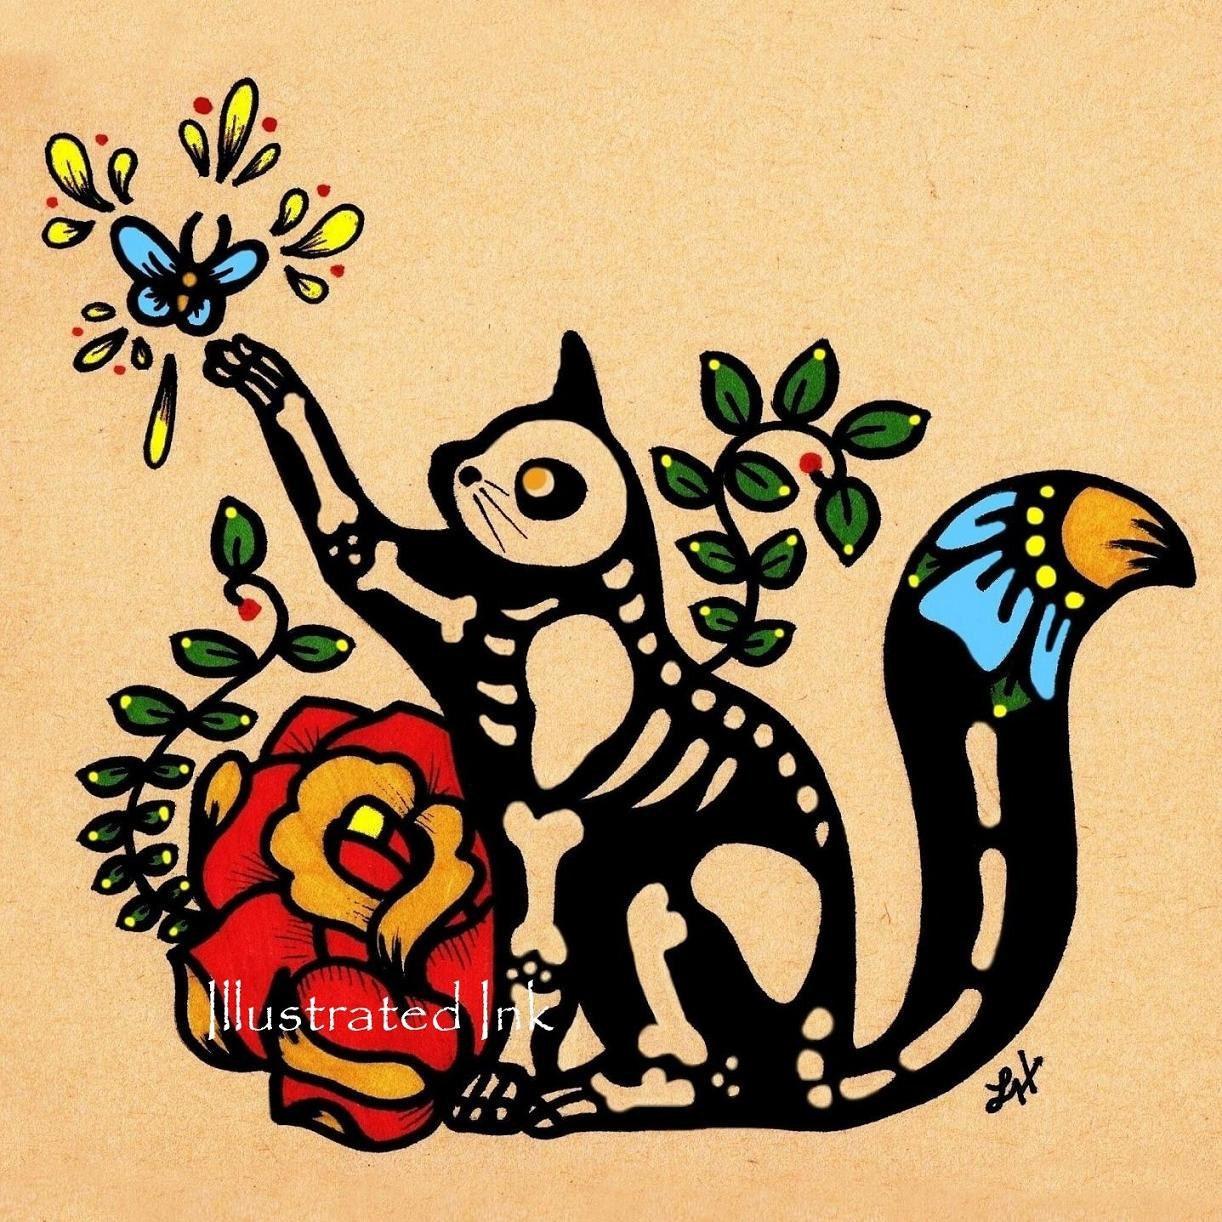 Day of the Dead CAT Dia de los Muertos Art Print 5 x 7